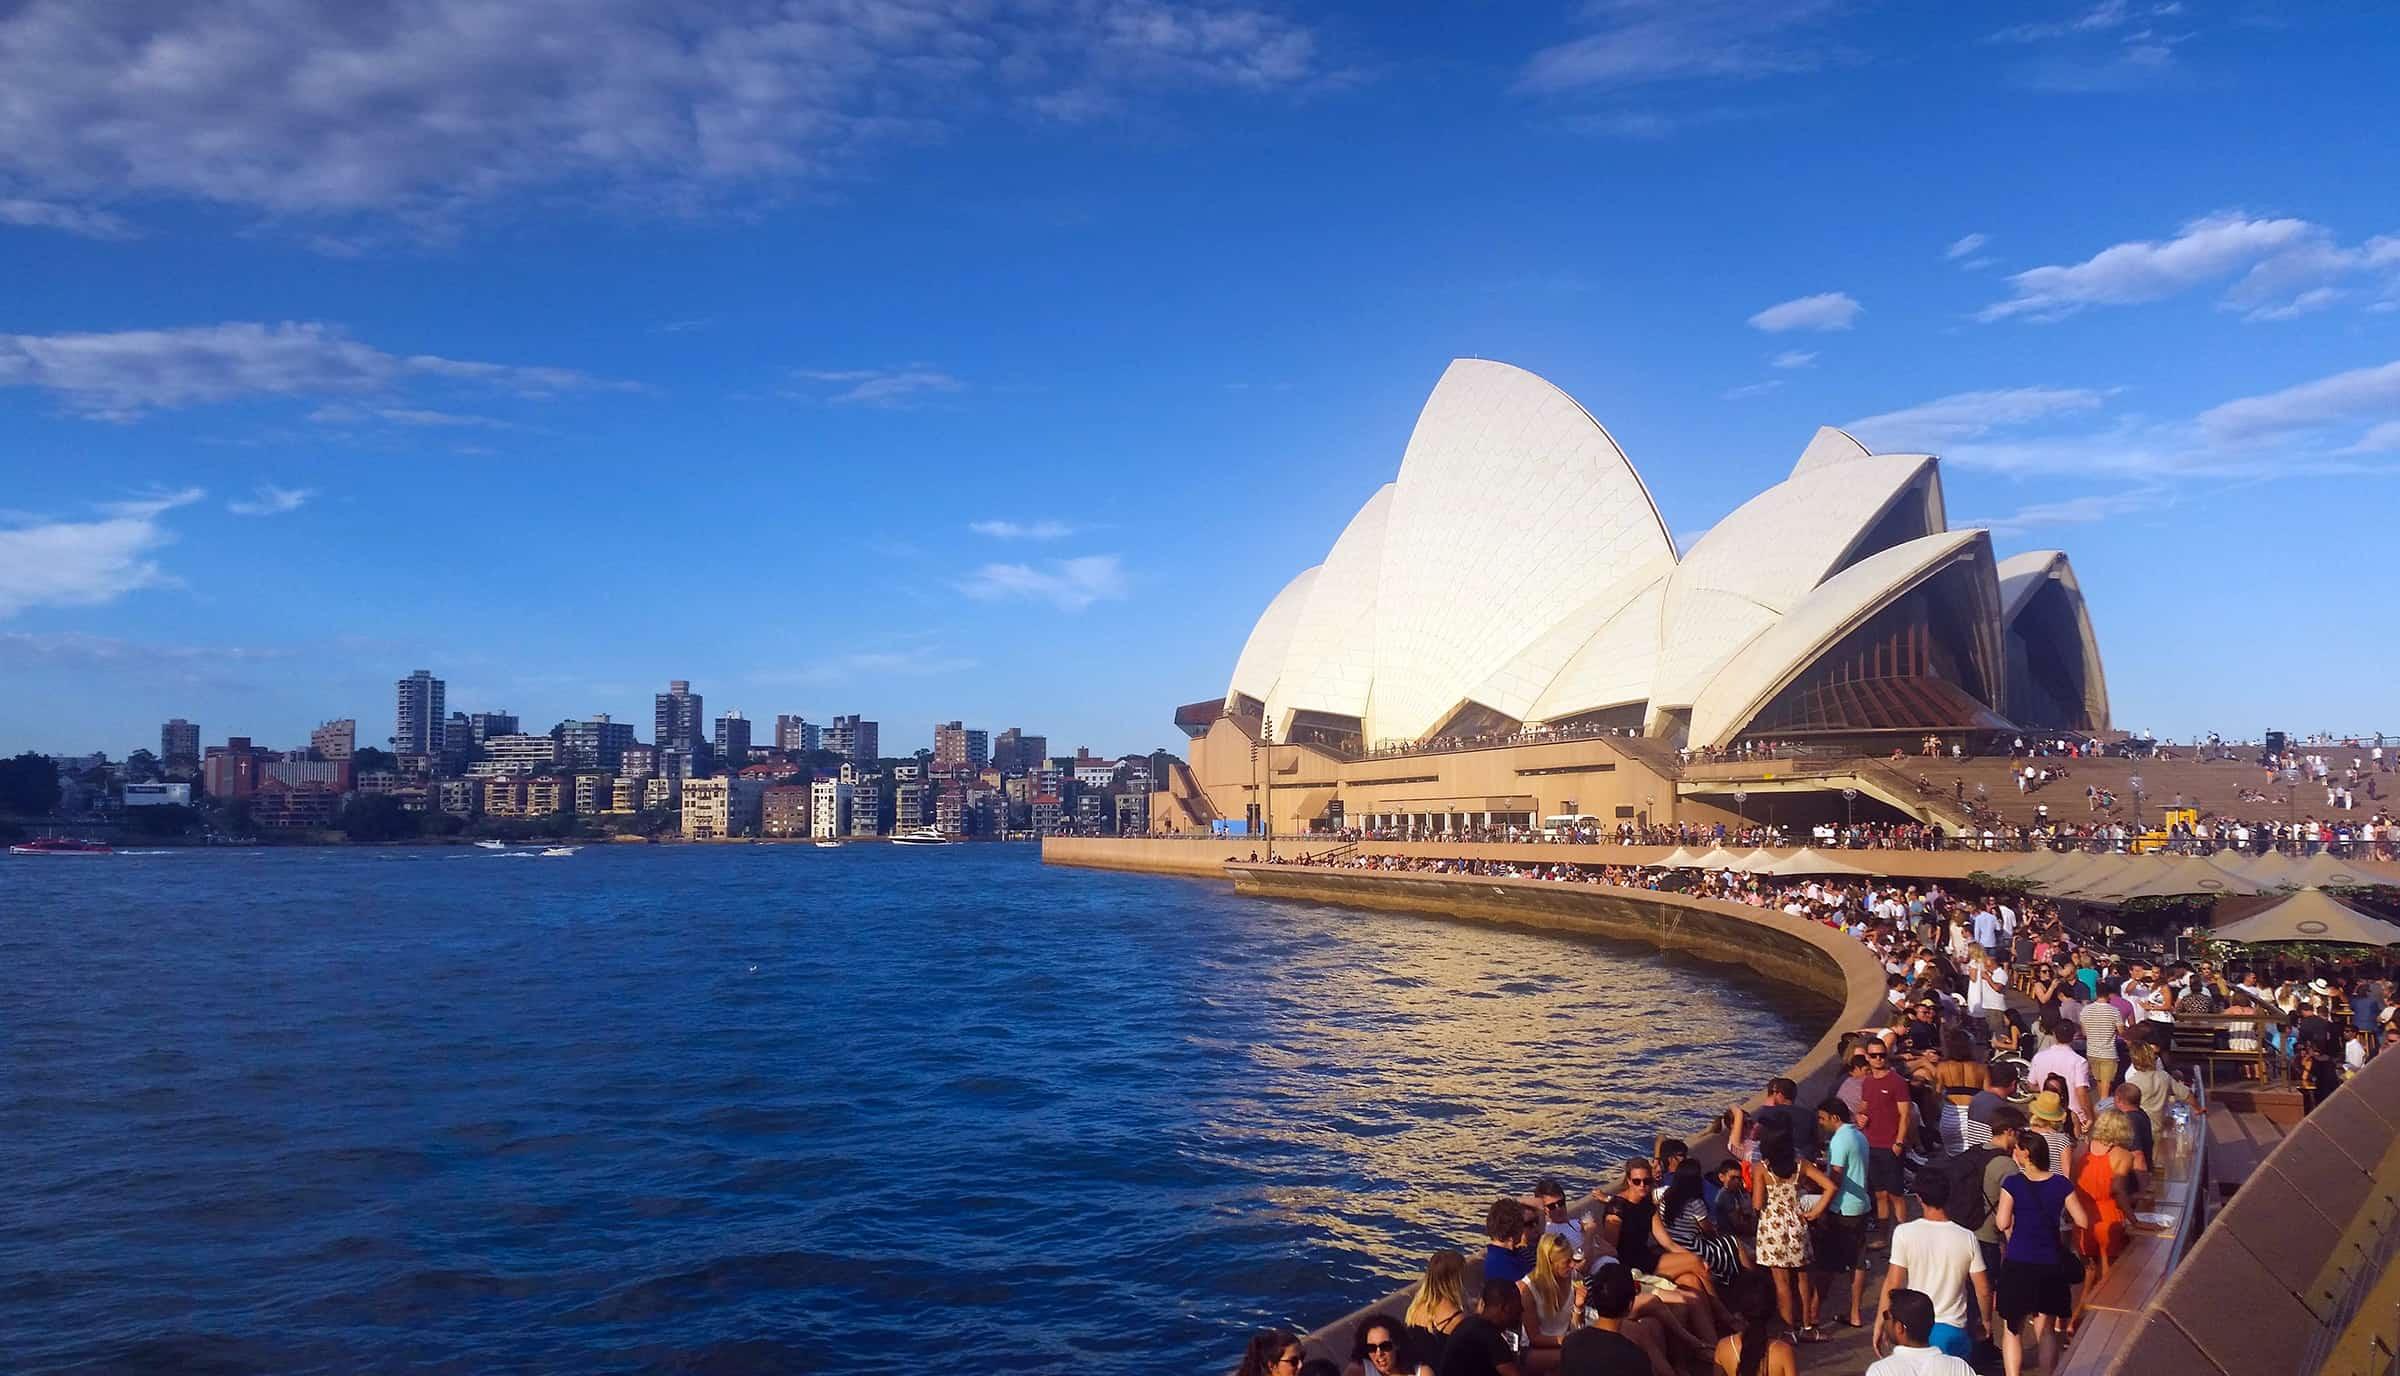 Het bekende Opera House